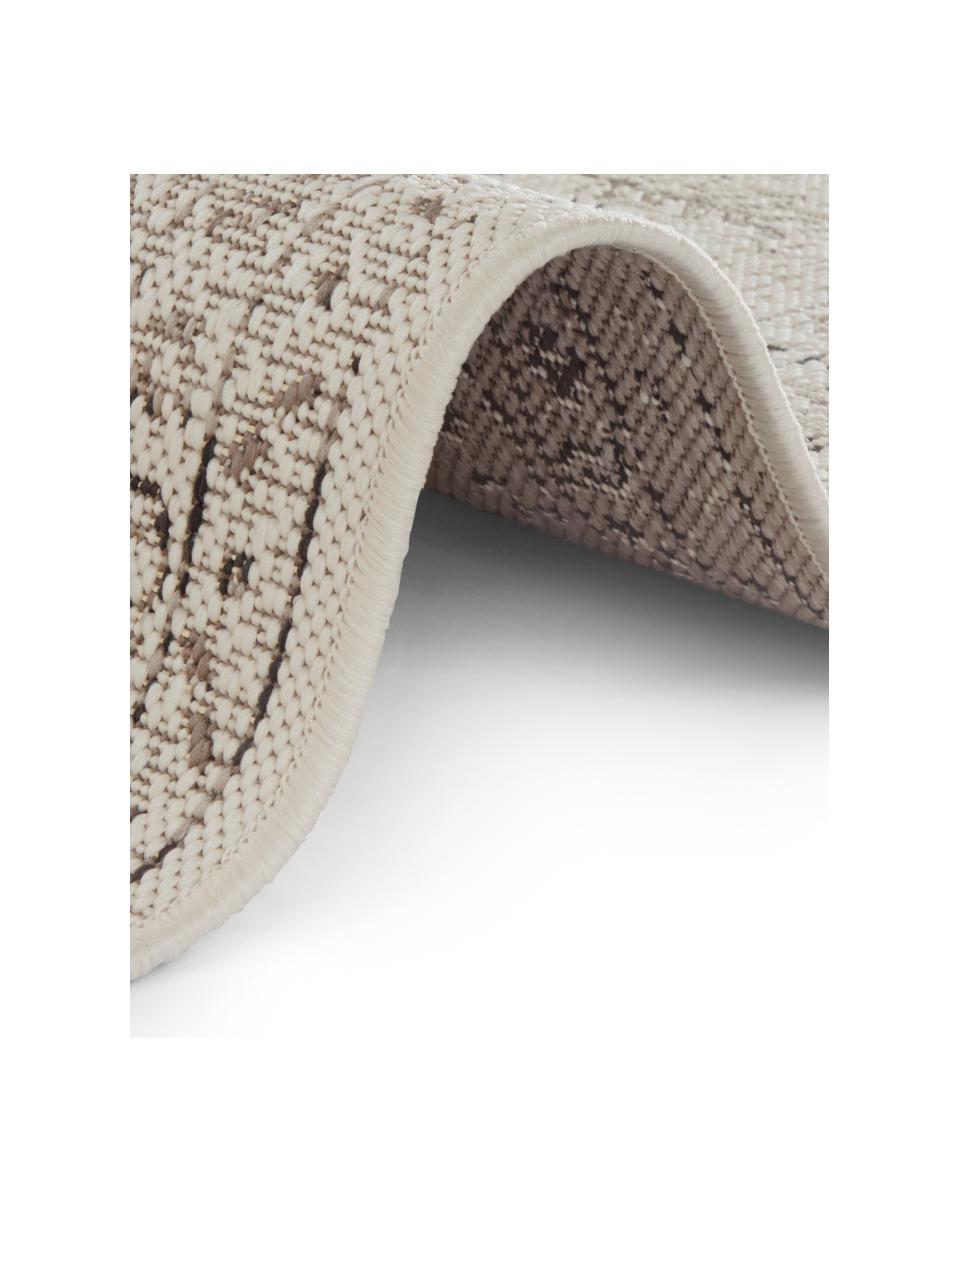 In- & Outdoor-Teppich Navarino mit Vintagemuster, 100% Polypropylen, Cremeweiß, Taupe, B 200 x L 290 cm (Größe L)